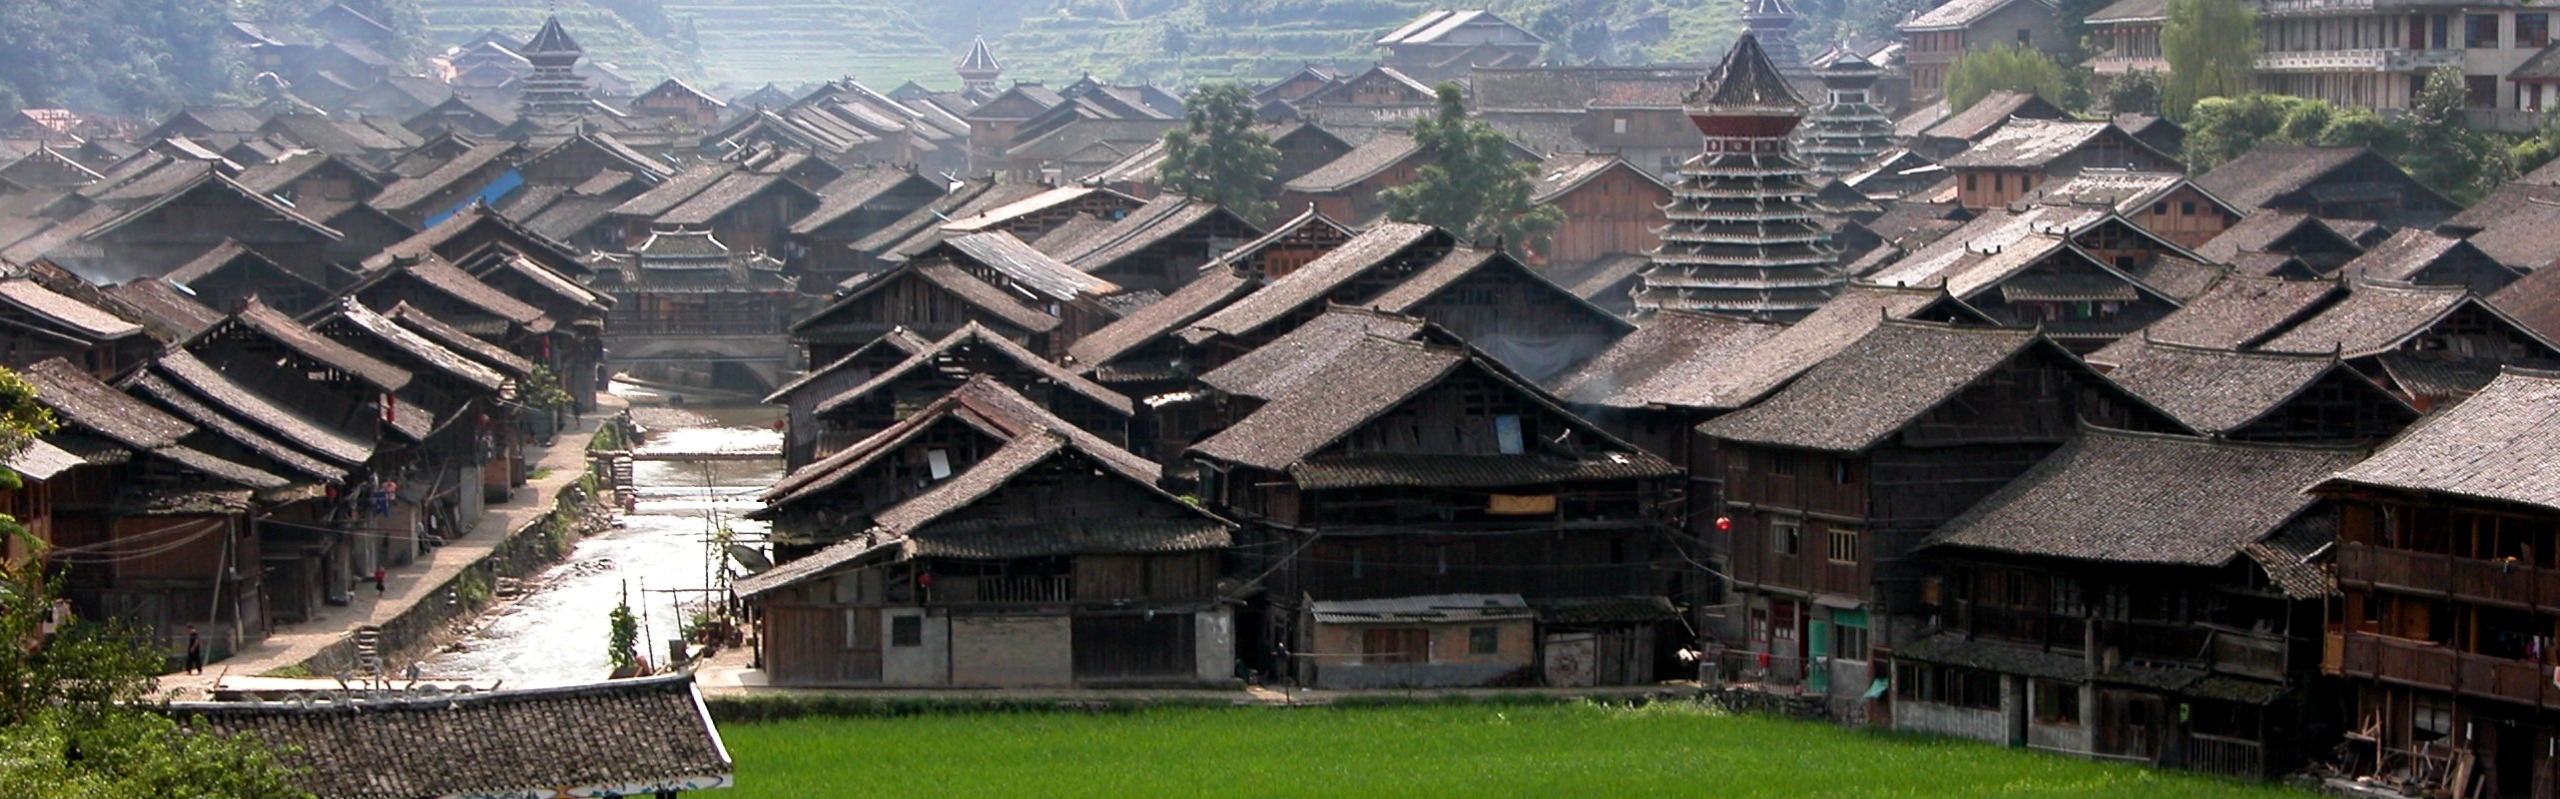 8-Day Guilin, Yangshuo and Guizhou Relaxation Tour